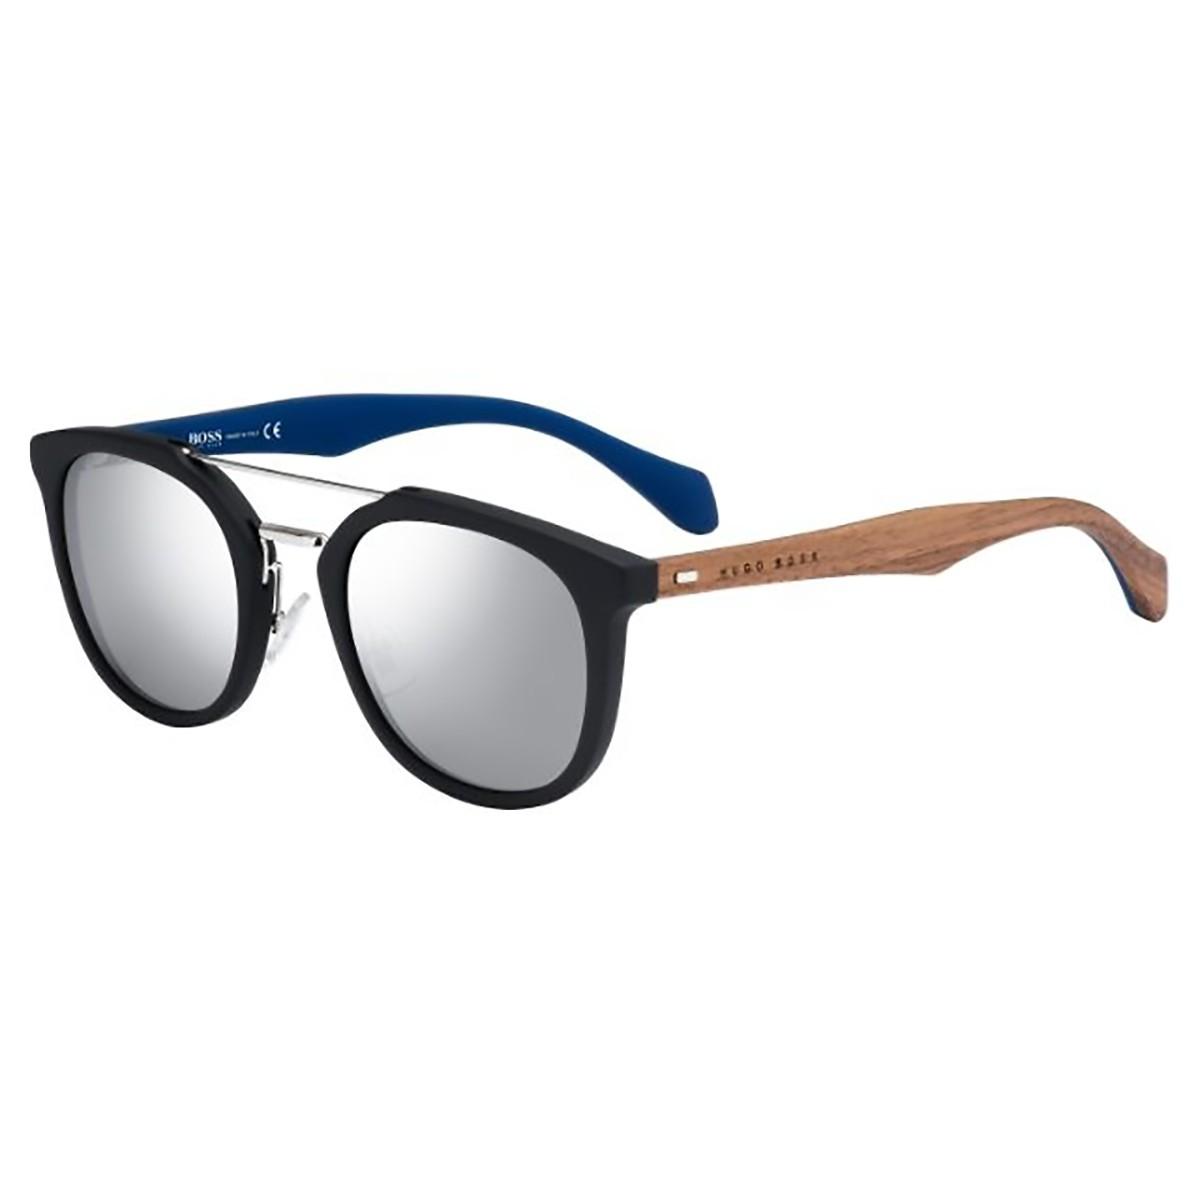 a058e646f Compre Óculos de Sol Hugo Boss em 10X | Tri-Jóia Shop